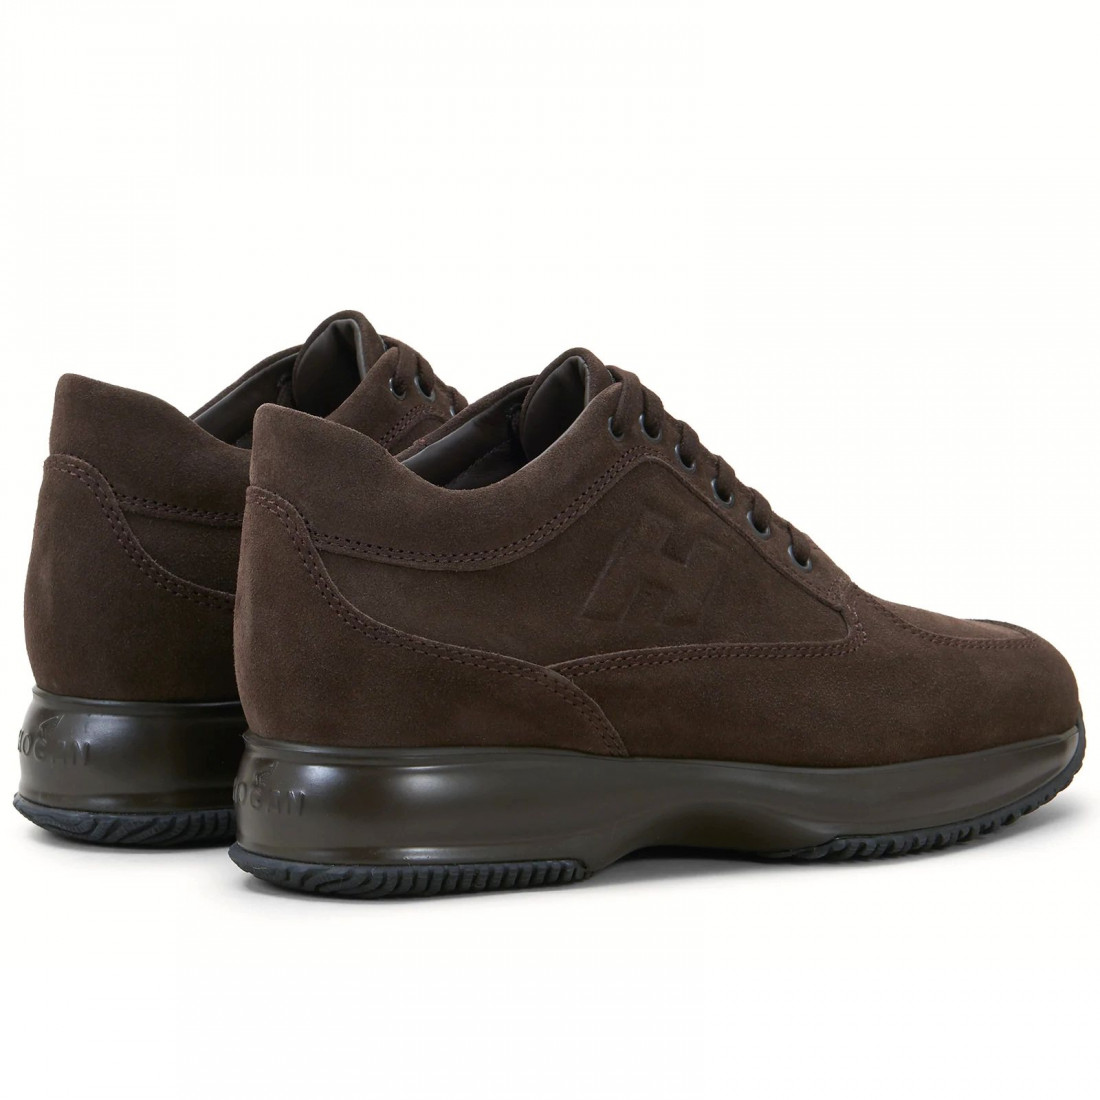 sneakers herren hogan hxm00n09042hg0s807 7567